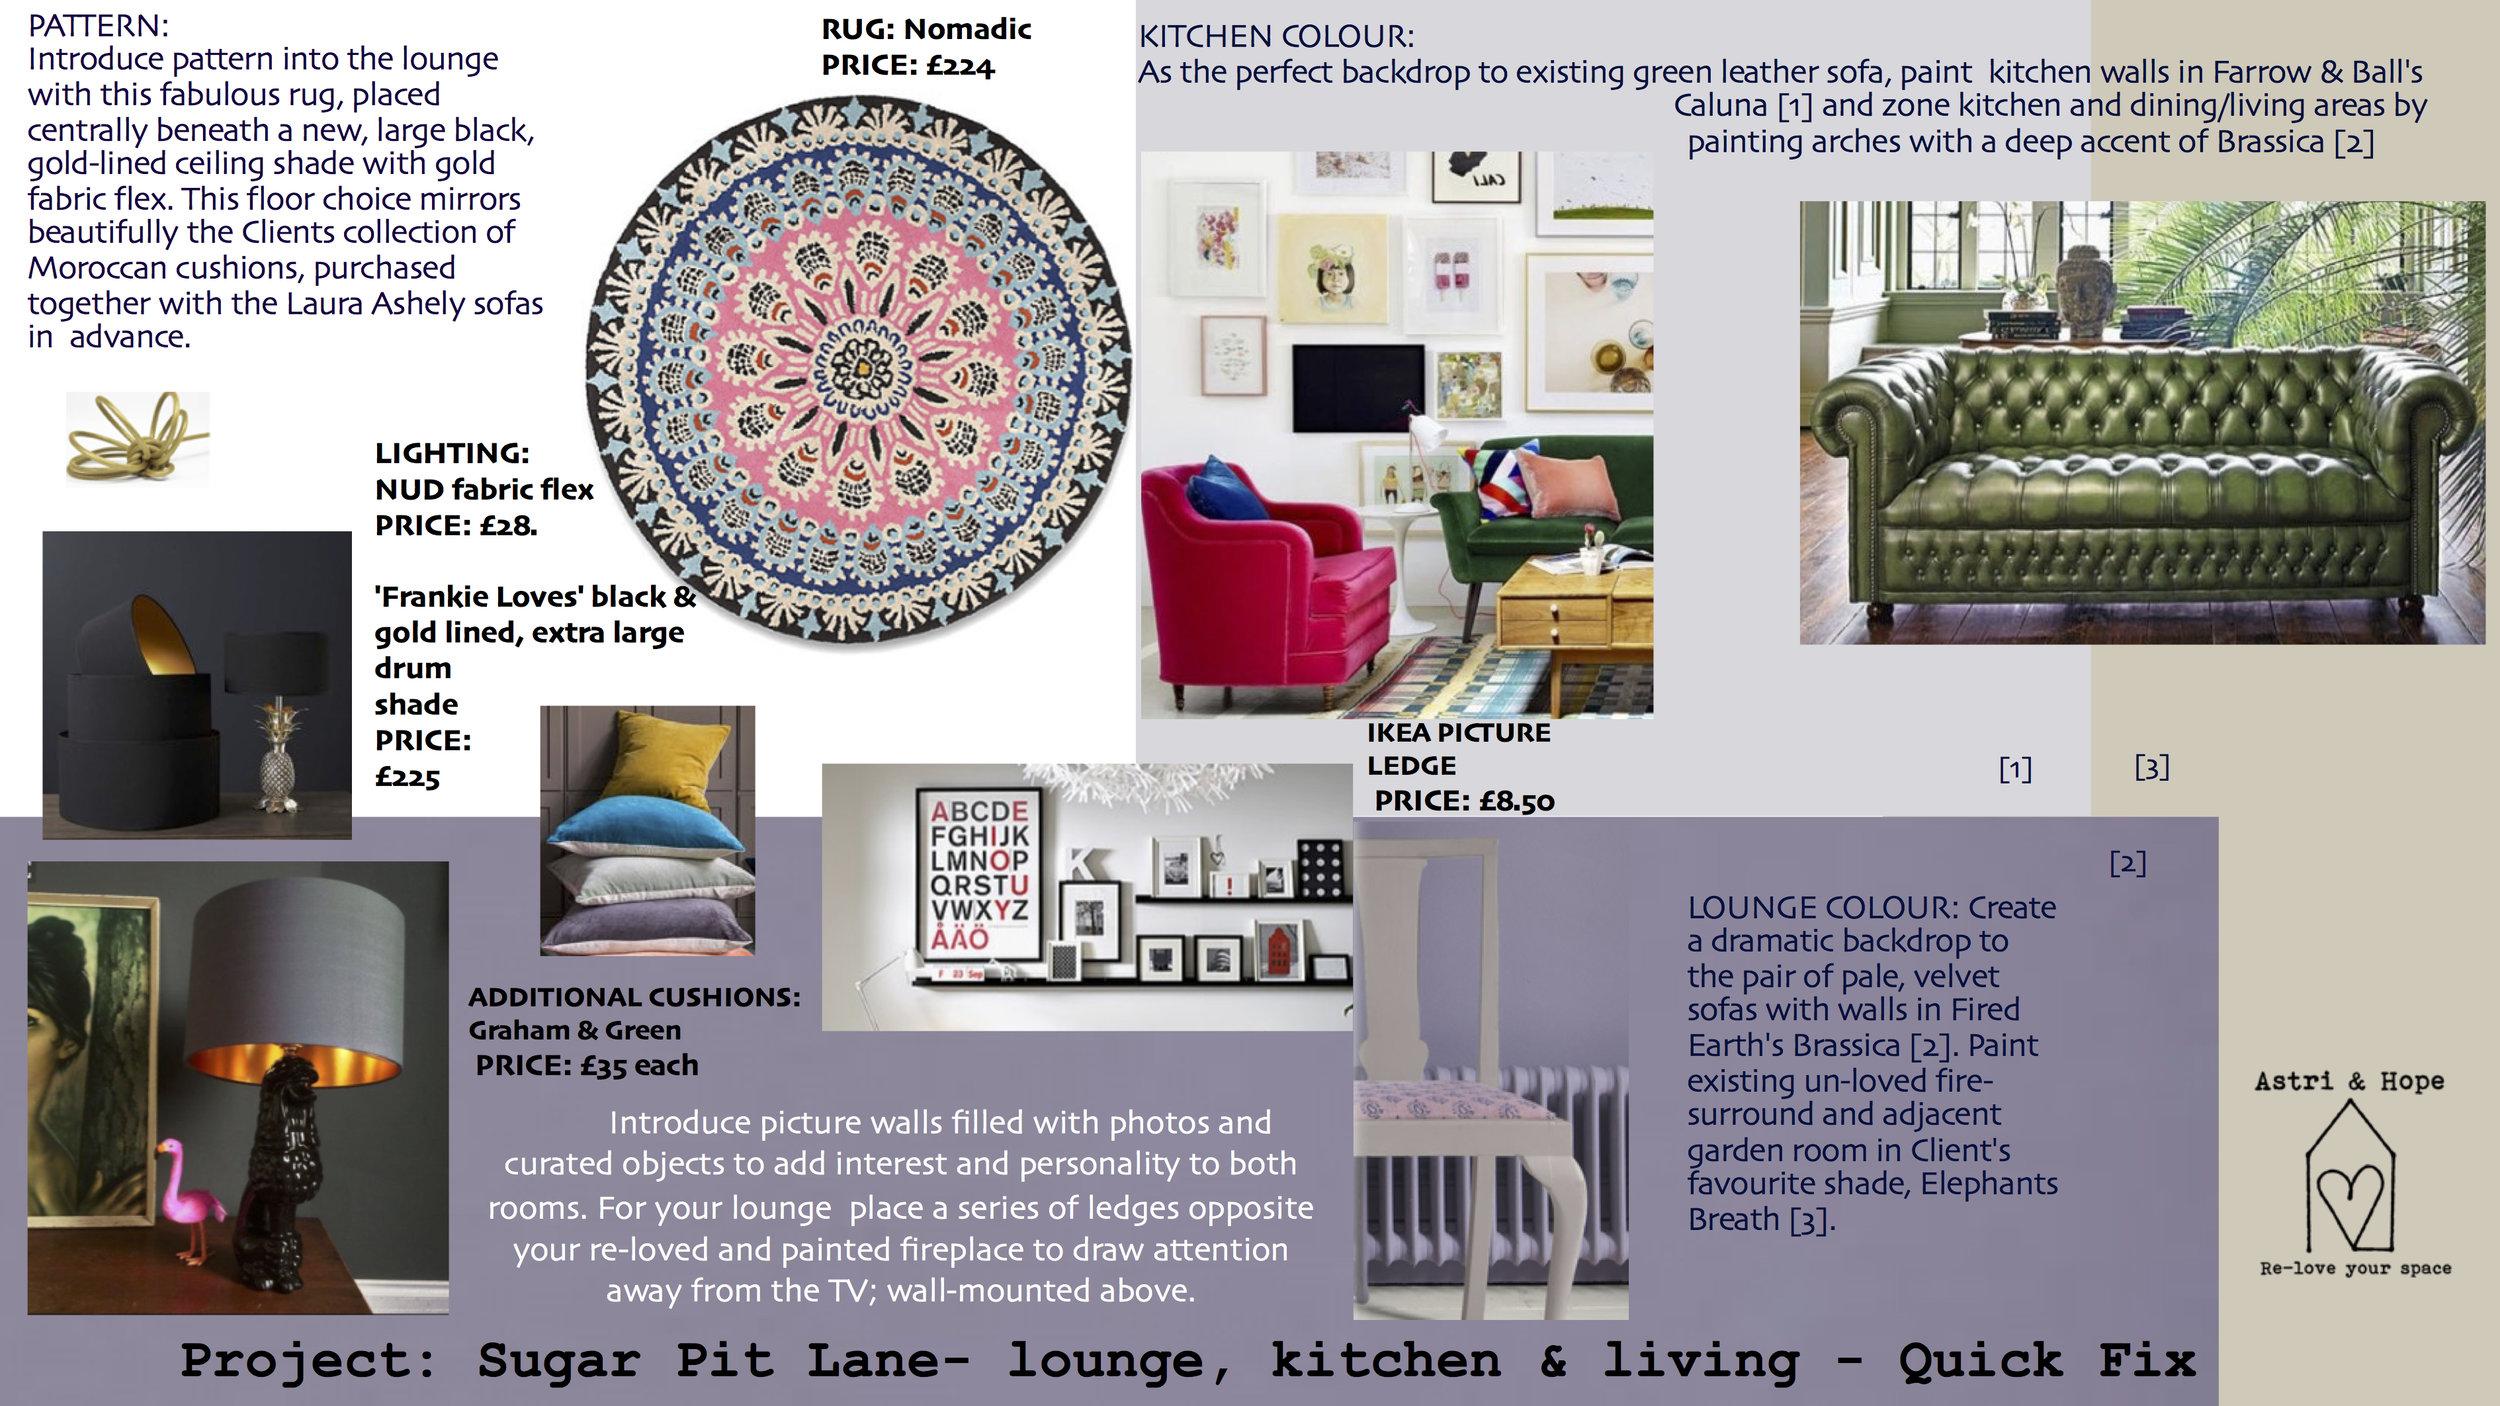 JPGSugar Pit Lane - lounge, kitchen & living.jpg